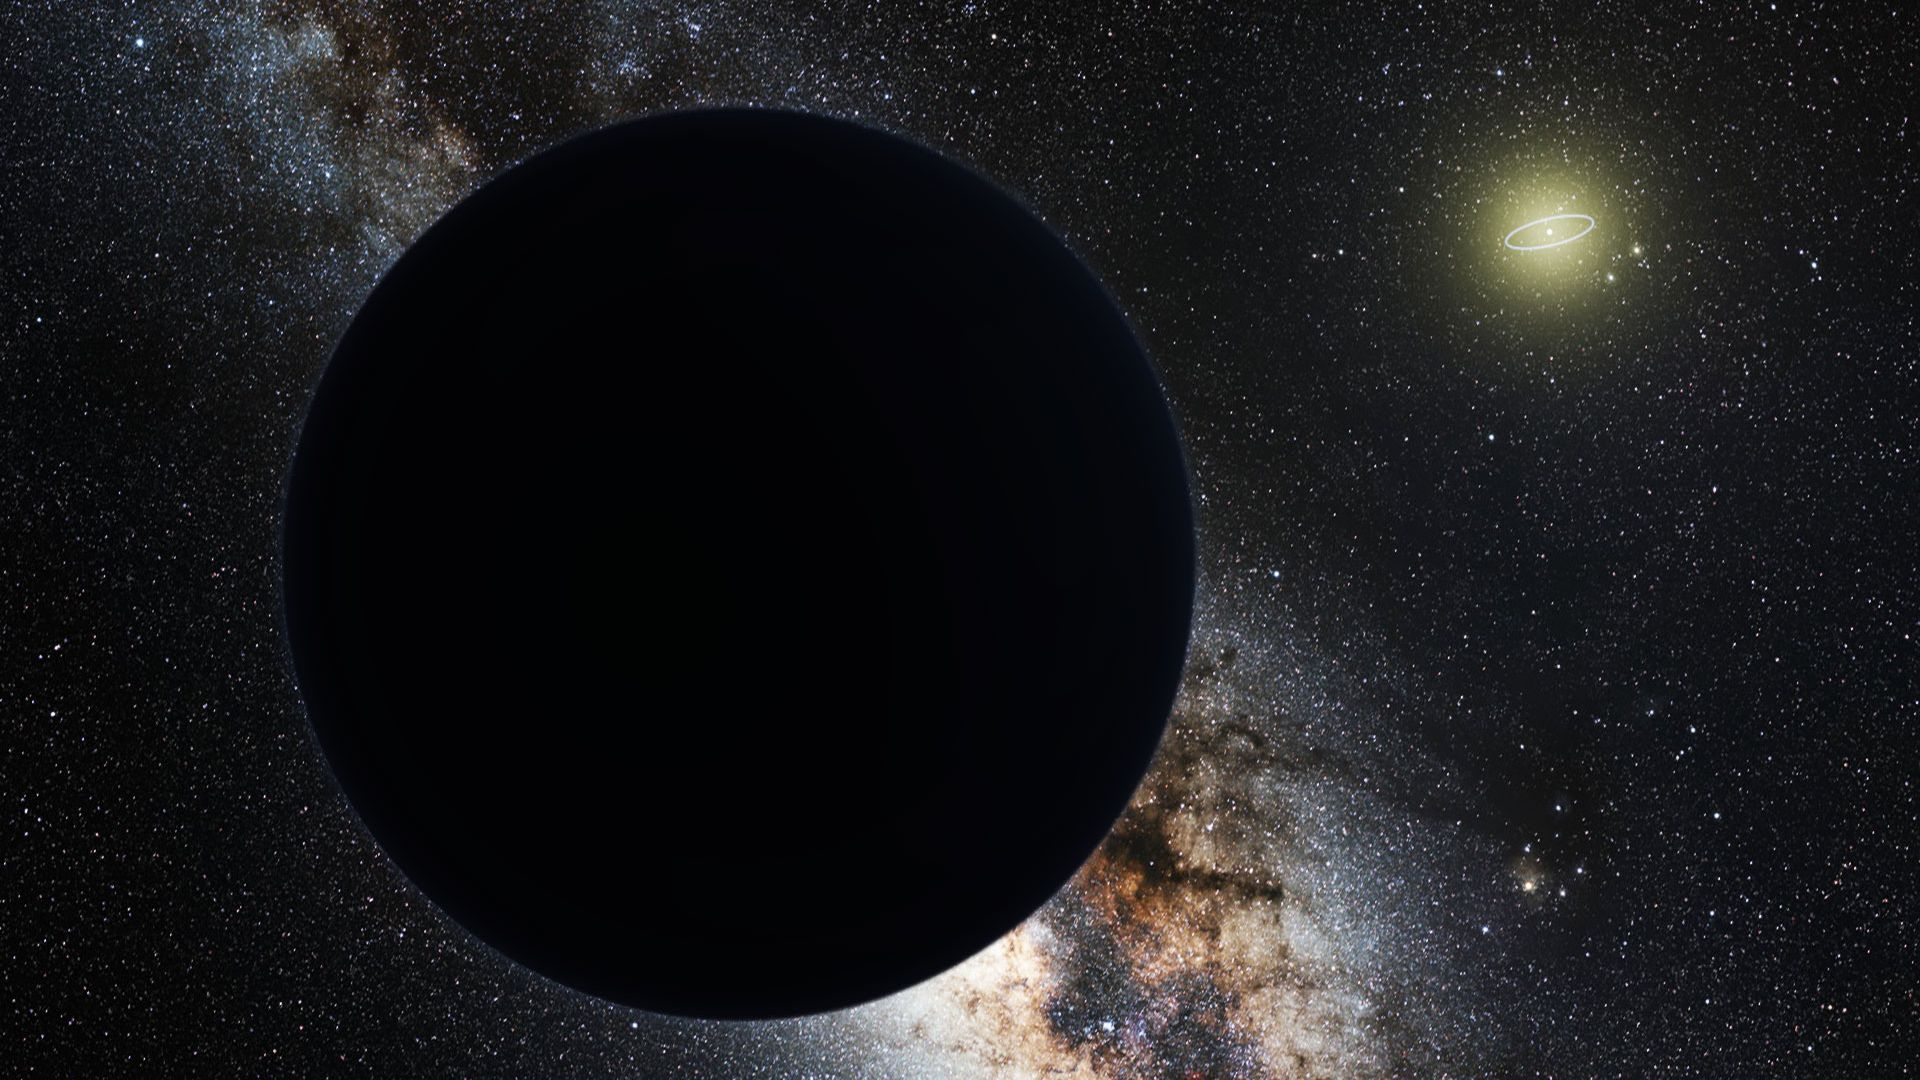 謎の「第9惑星」の正体は原始ブラックホールか? 英天文学者が提唱